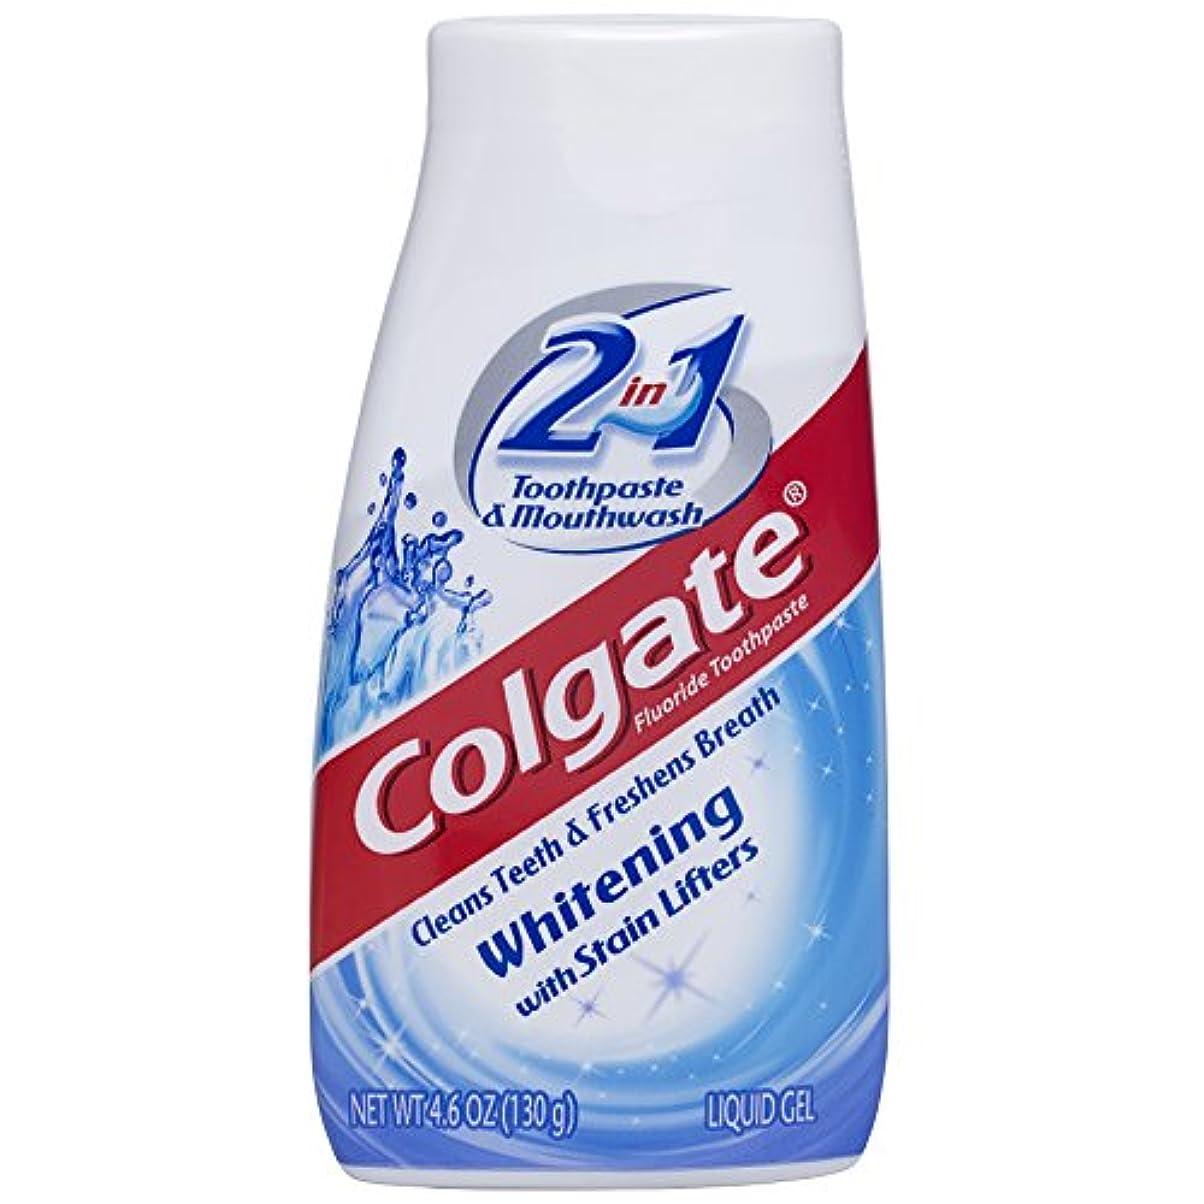 クレタメッセンジャー特徴づける海外直送品Colgate 2 In 1 Toothpaste & Mouthwash Whitening, 4.6 oz by Colgate